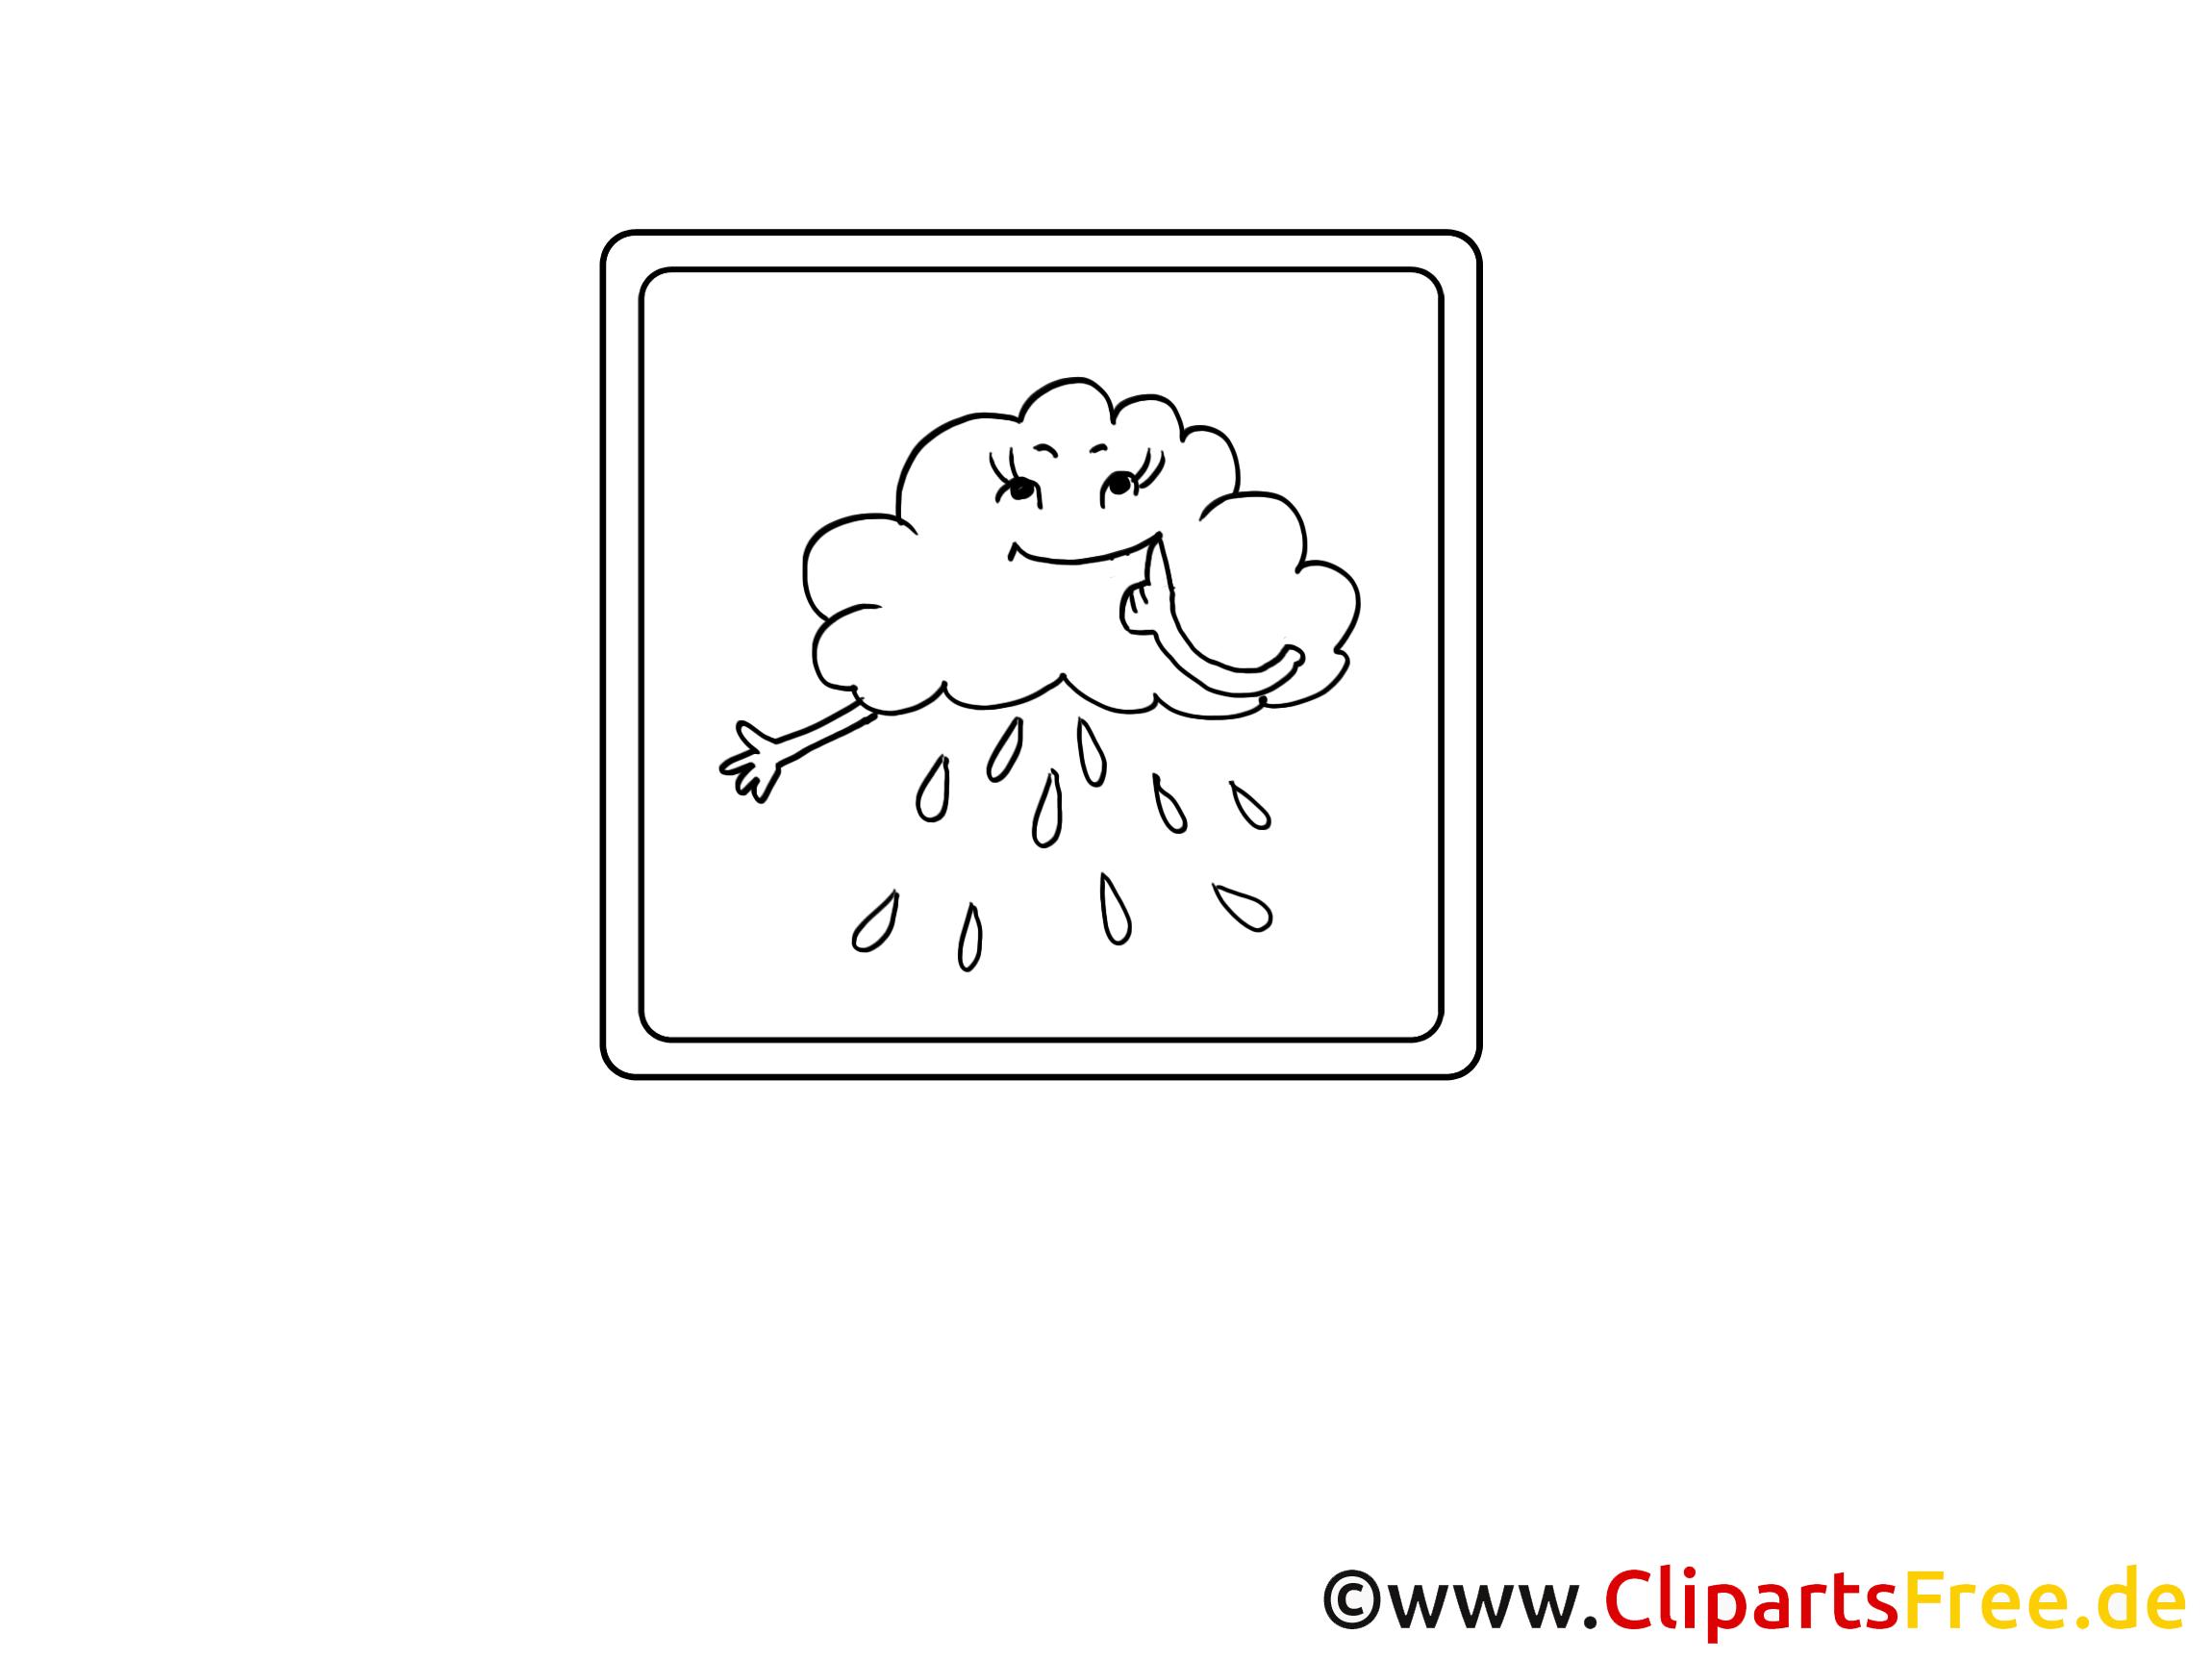 Pluie dessin – Coloriage divers à télécharger